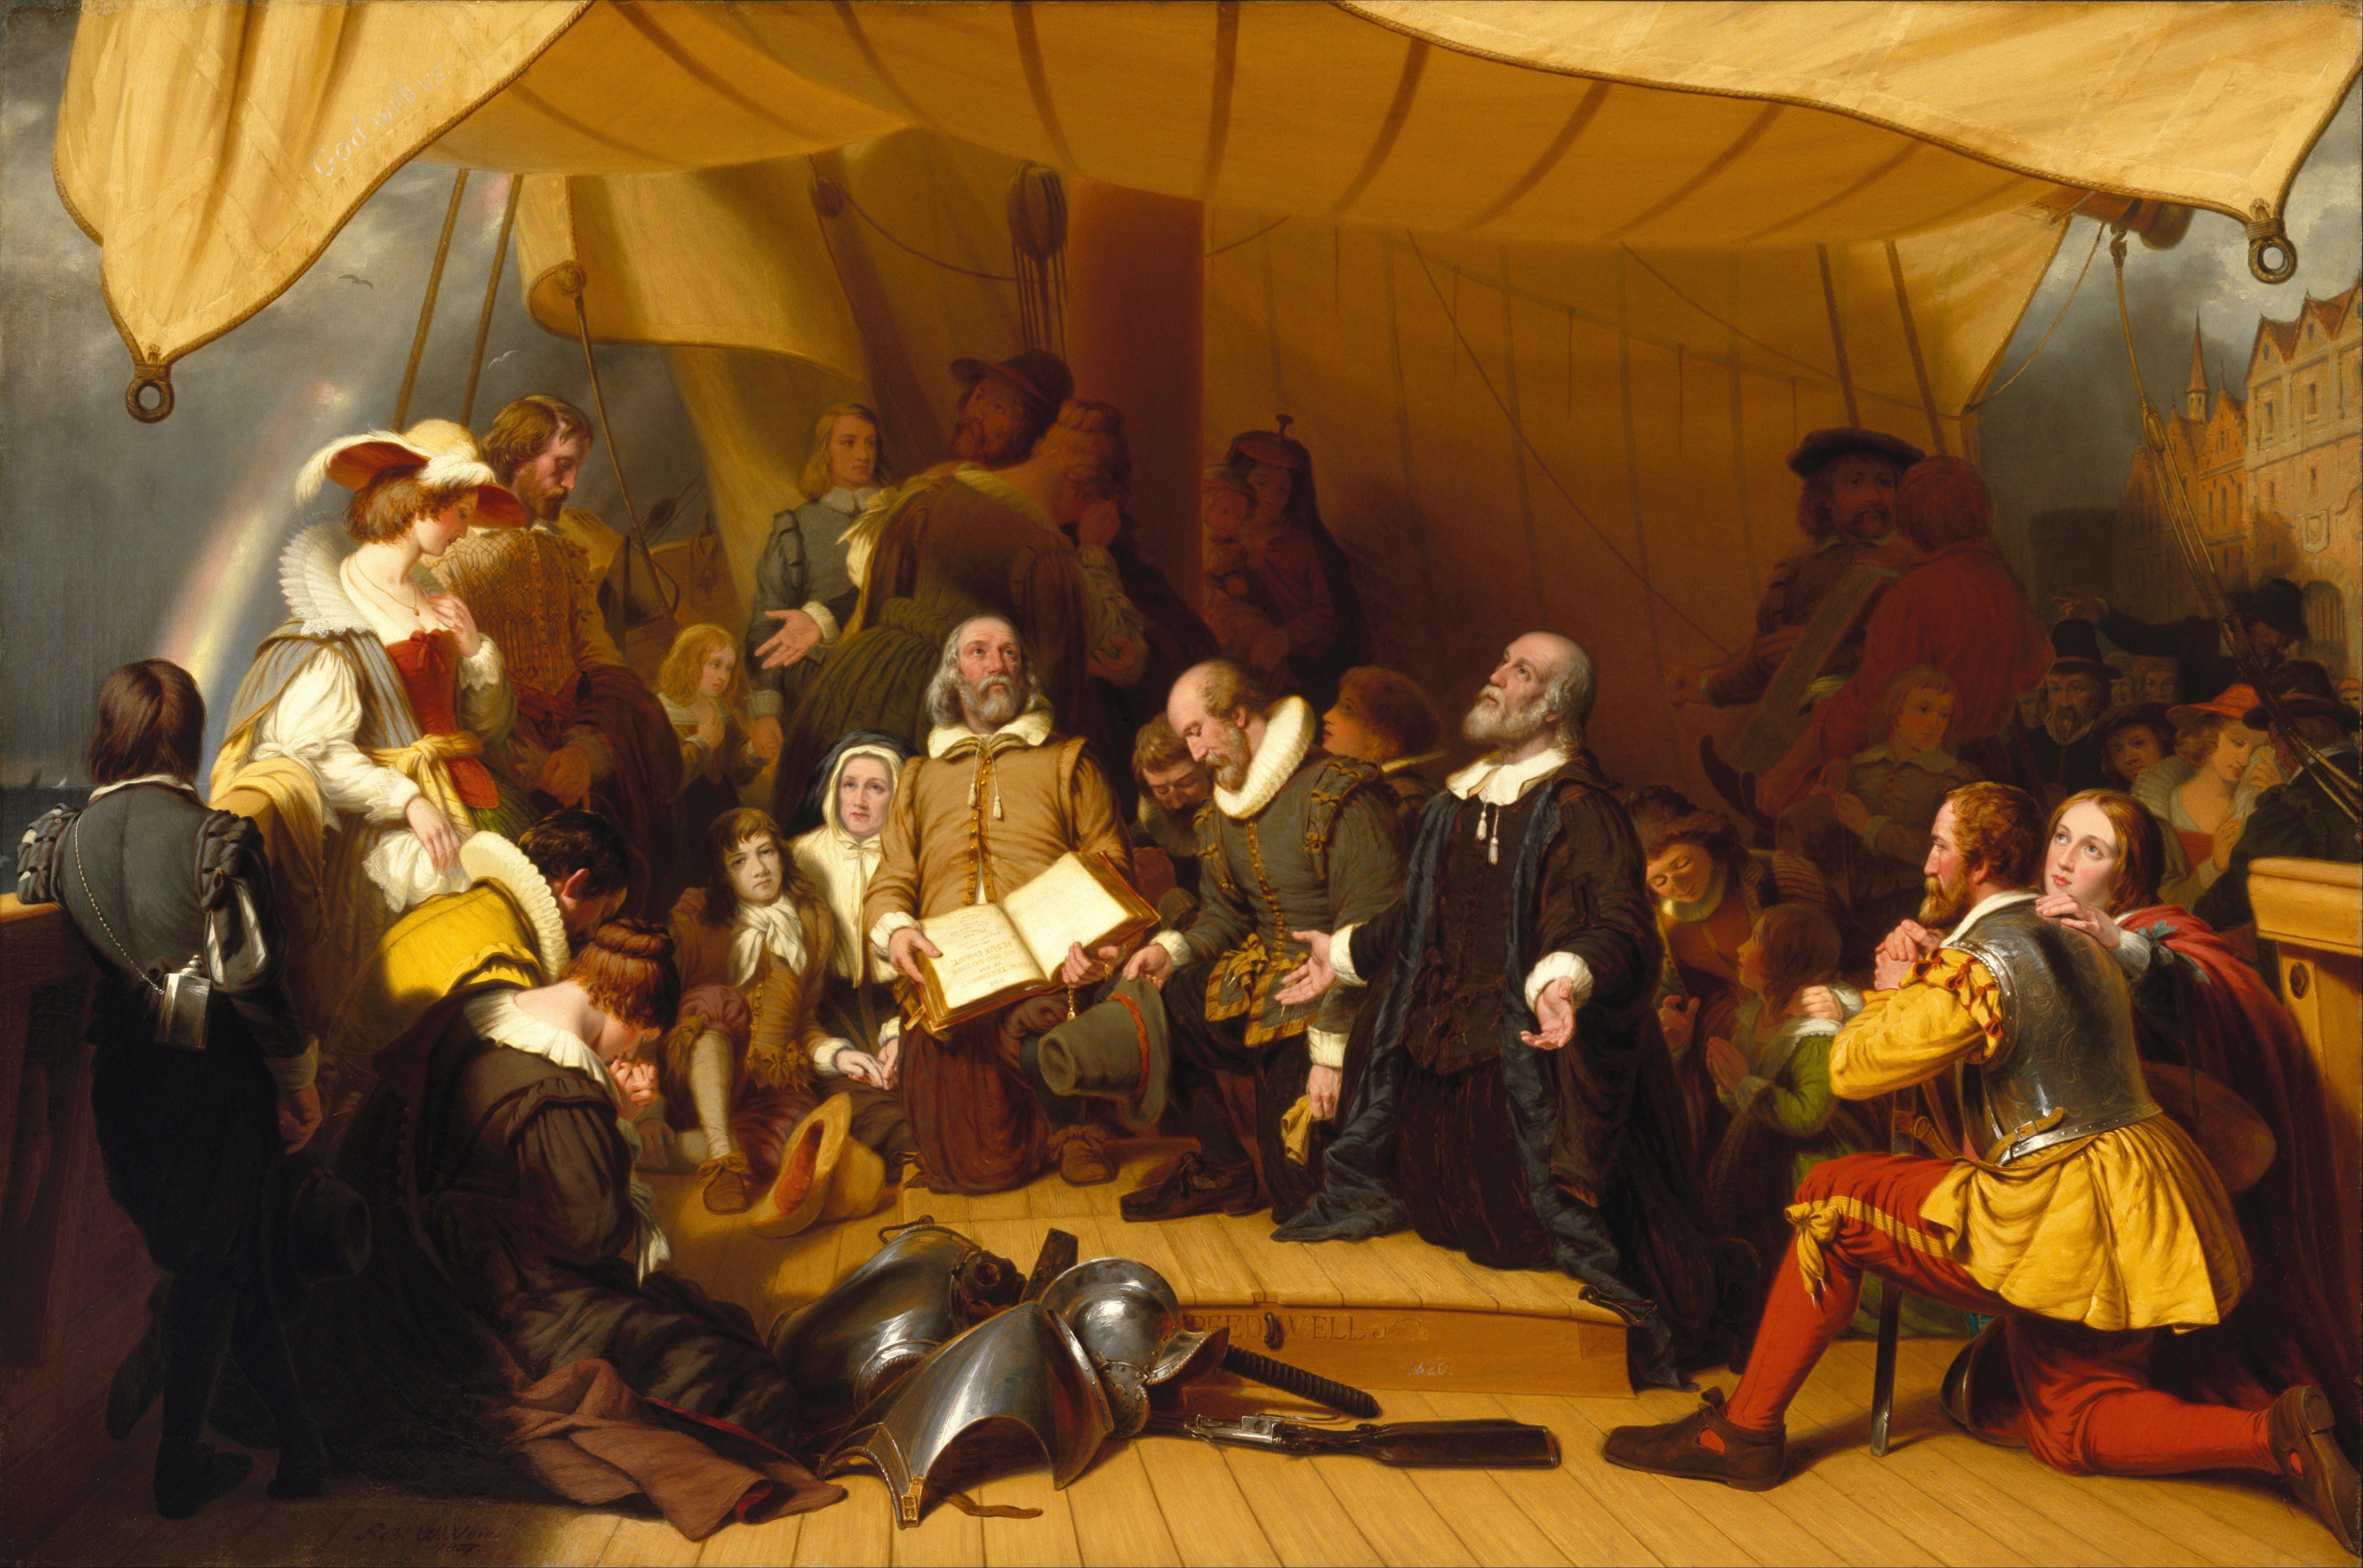 Pilgrims (Plymouth Colony) | Familypedia | Fandom powered by Wikia